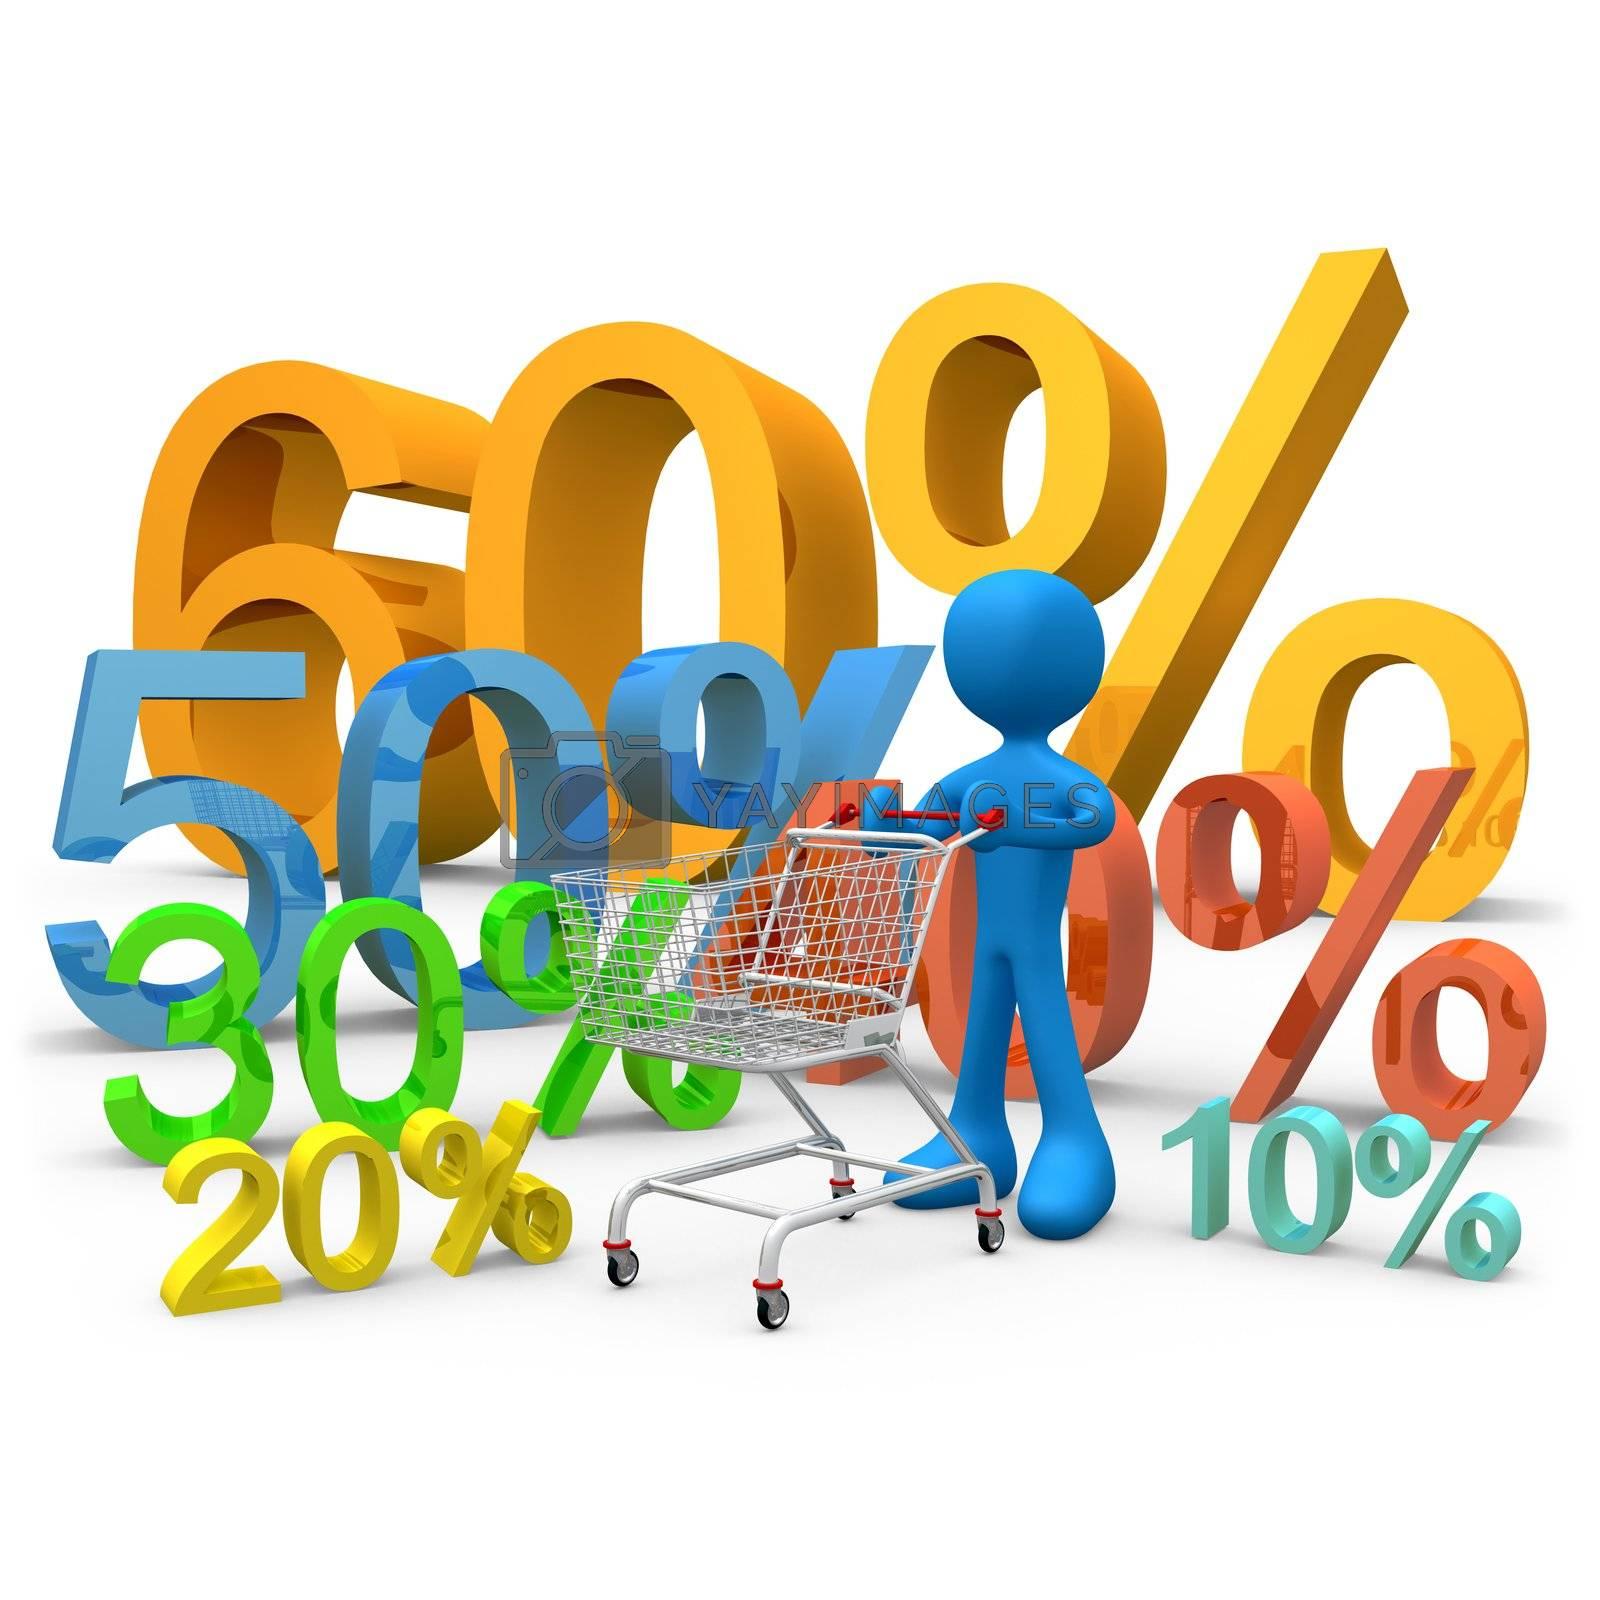 Sales by 3pod